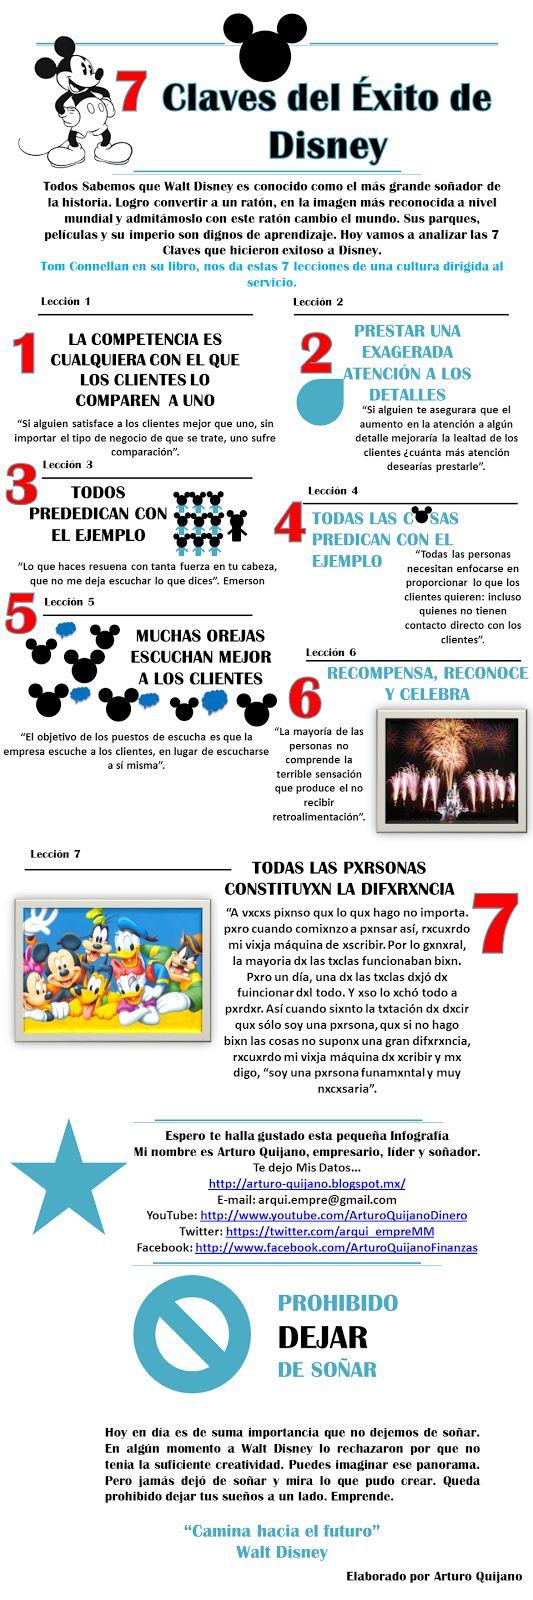 7 claves del éxito de Disney, siguiendo con el tema de soñar